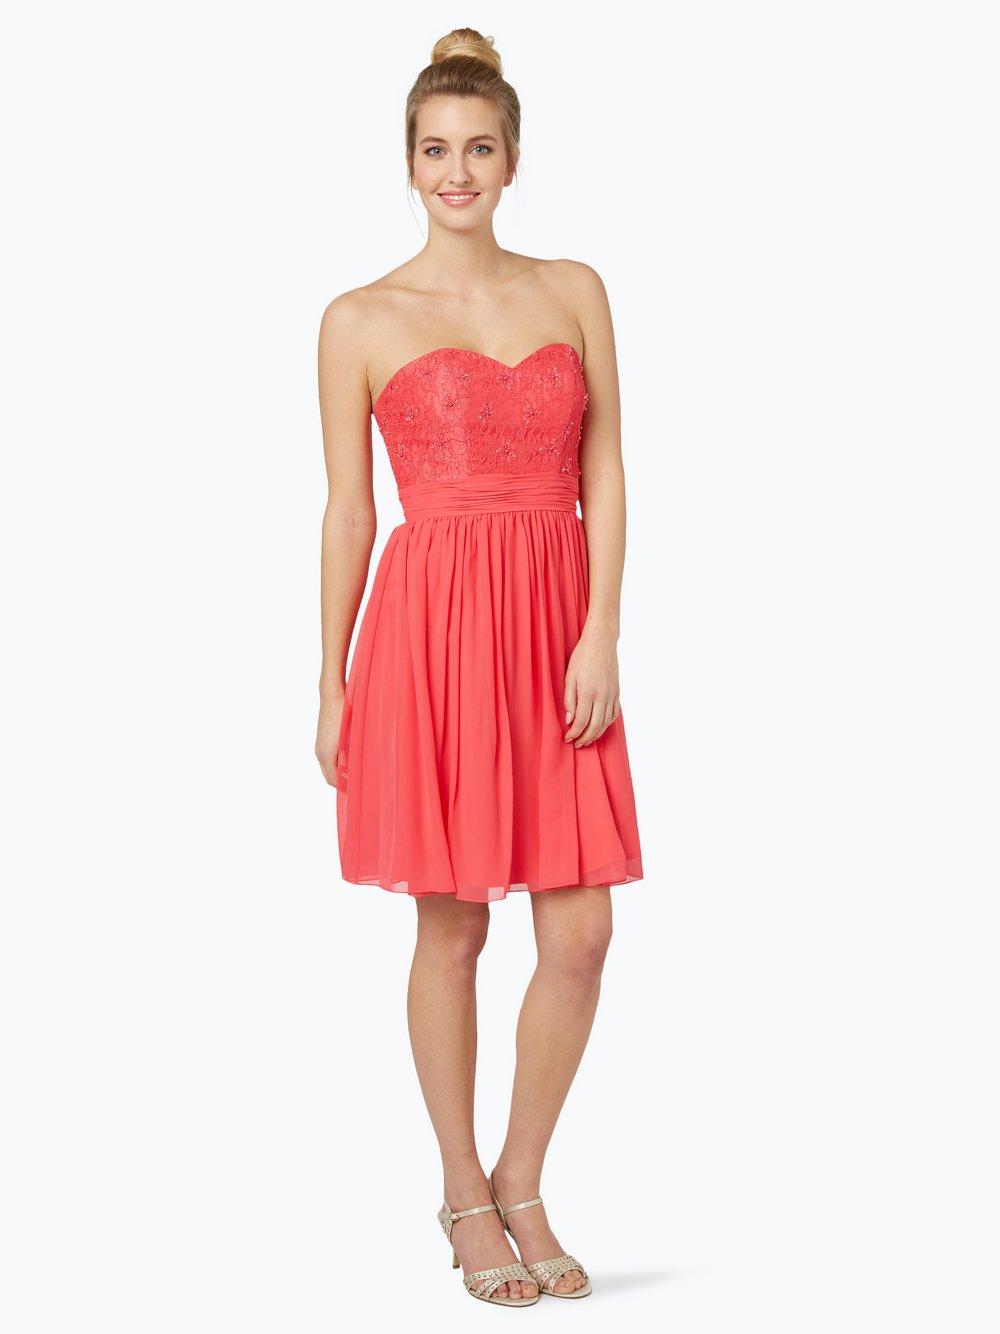 Laona – Damska sukienka koktajlowa, różowy Van Graaf 356031-0001-09900